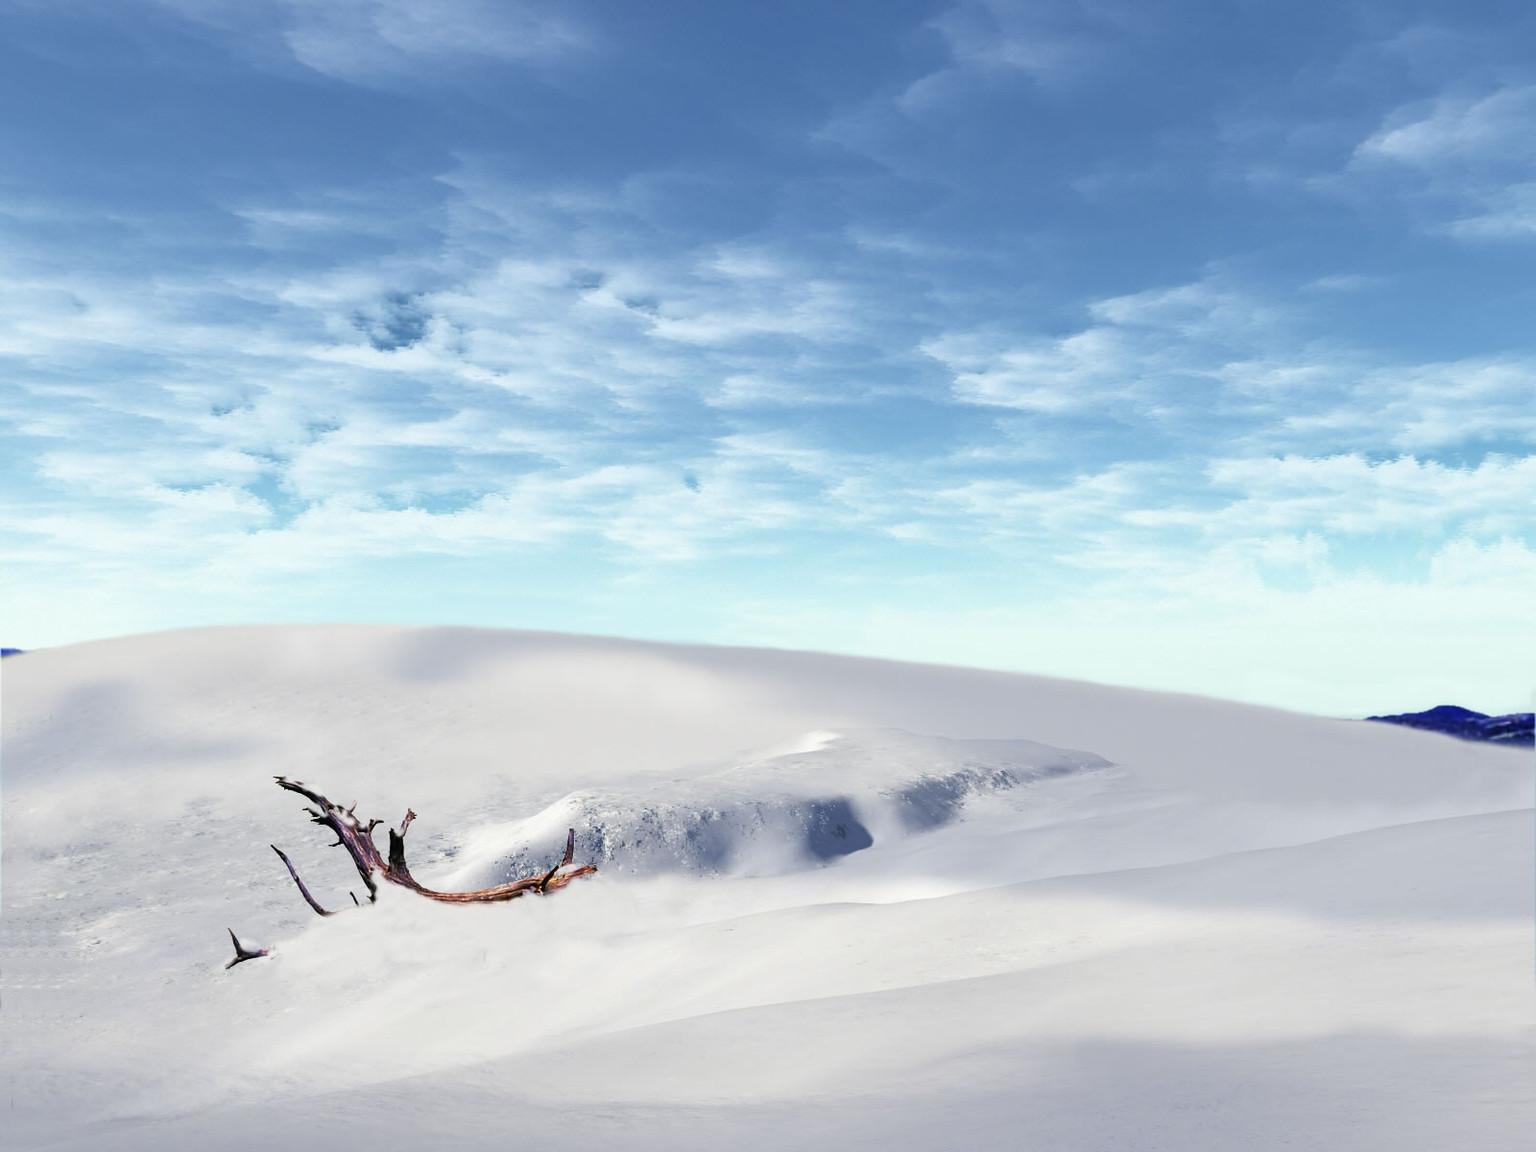 ws_Winter_wonderland_1600x1200.jpg